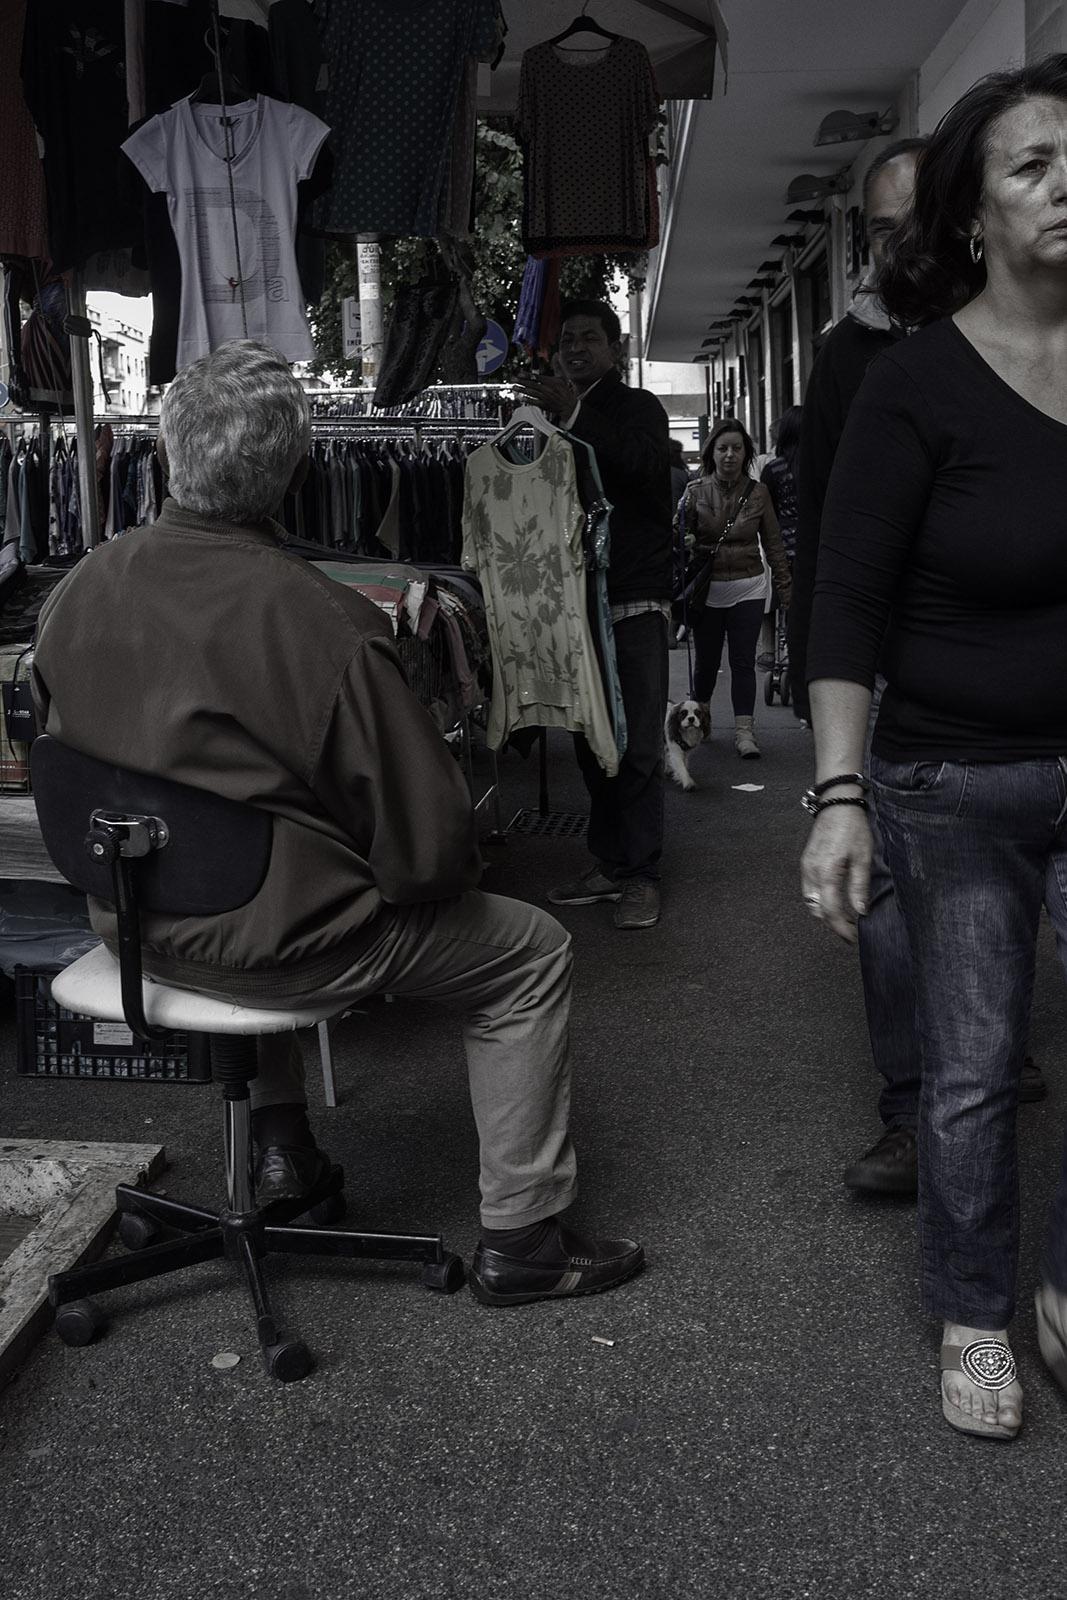 Roma_street_011V_1600.jpg